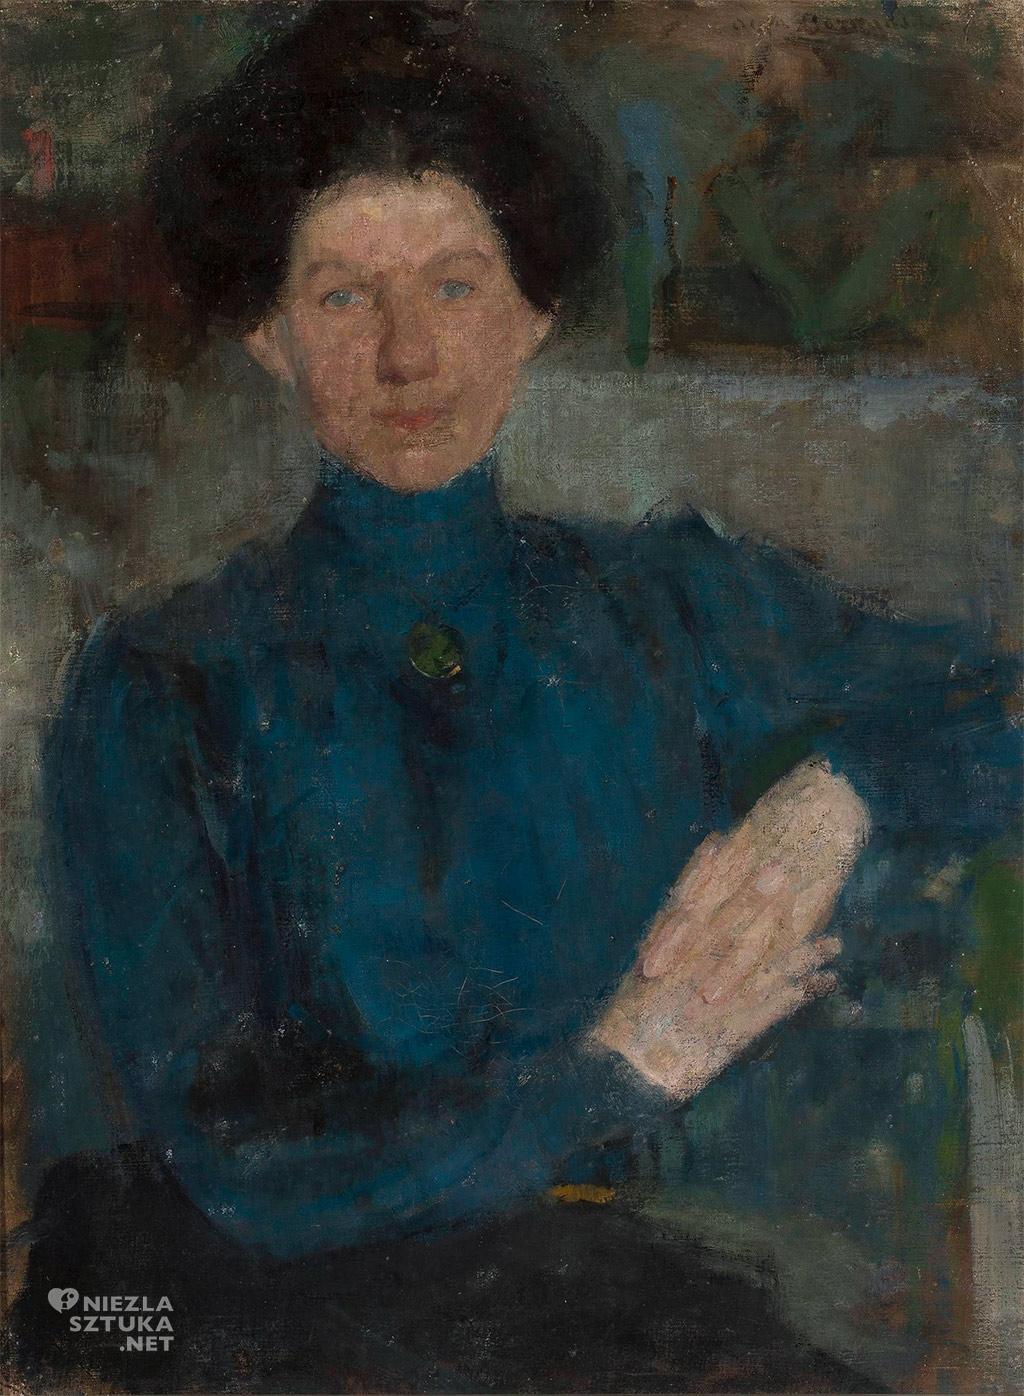 Olga Boznańska, Portret Marii Koźniewskiej-Kalinowskiej, malarka, sztuka polska, malarstwo polskie, Niezła sztuka